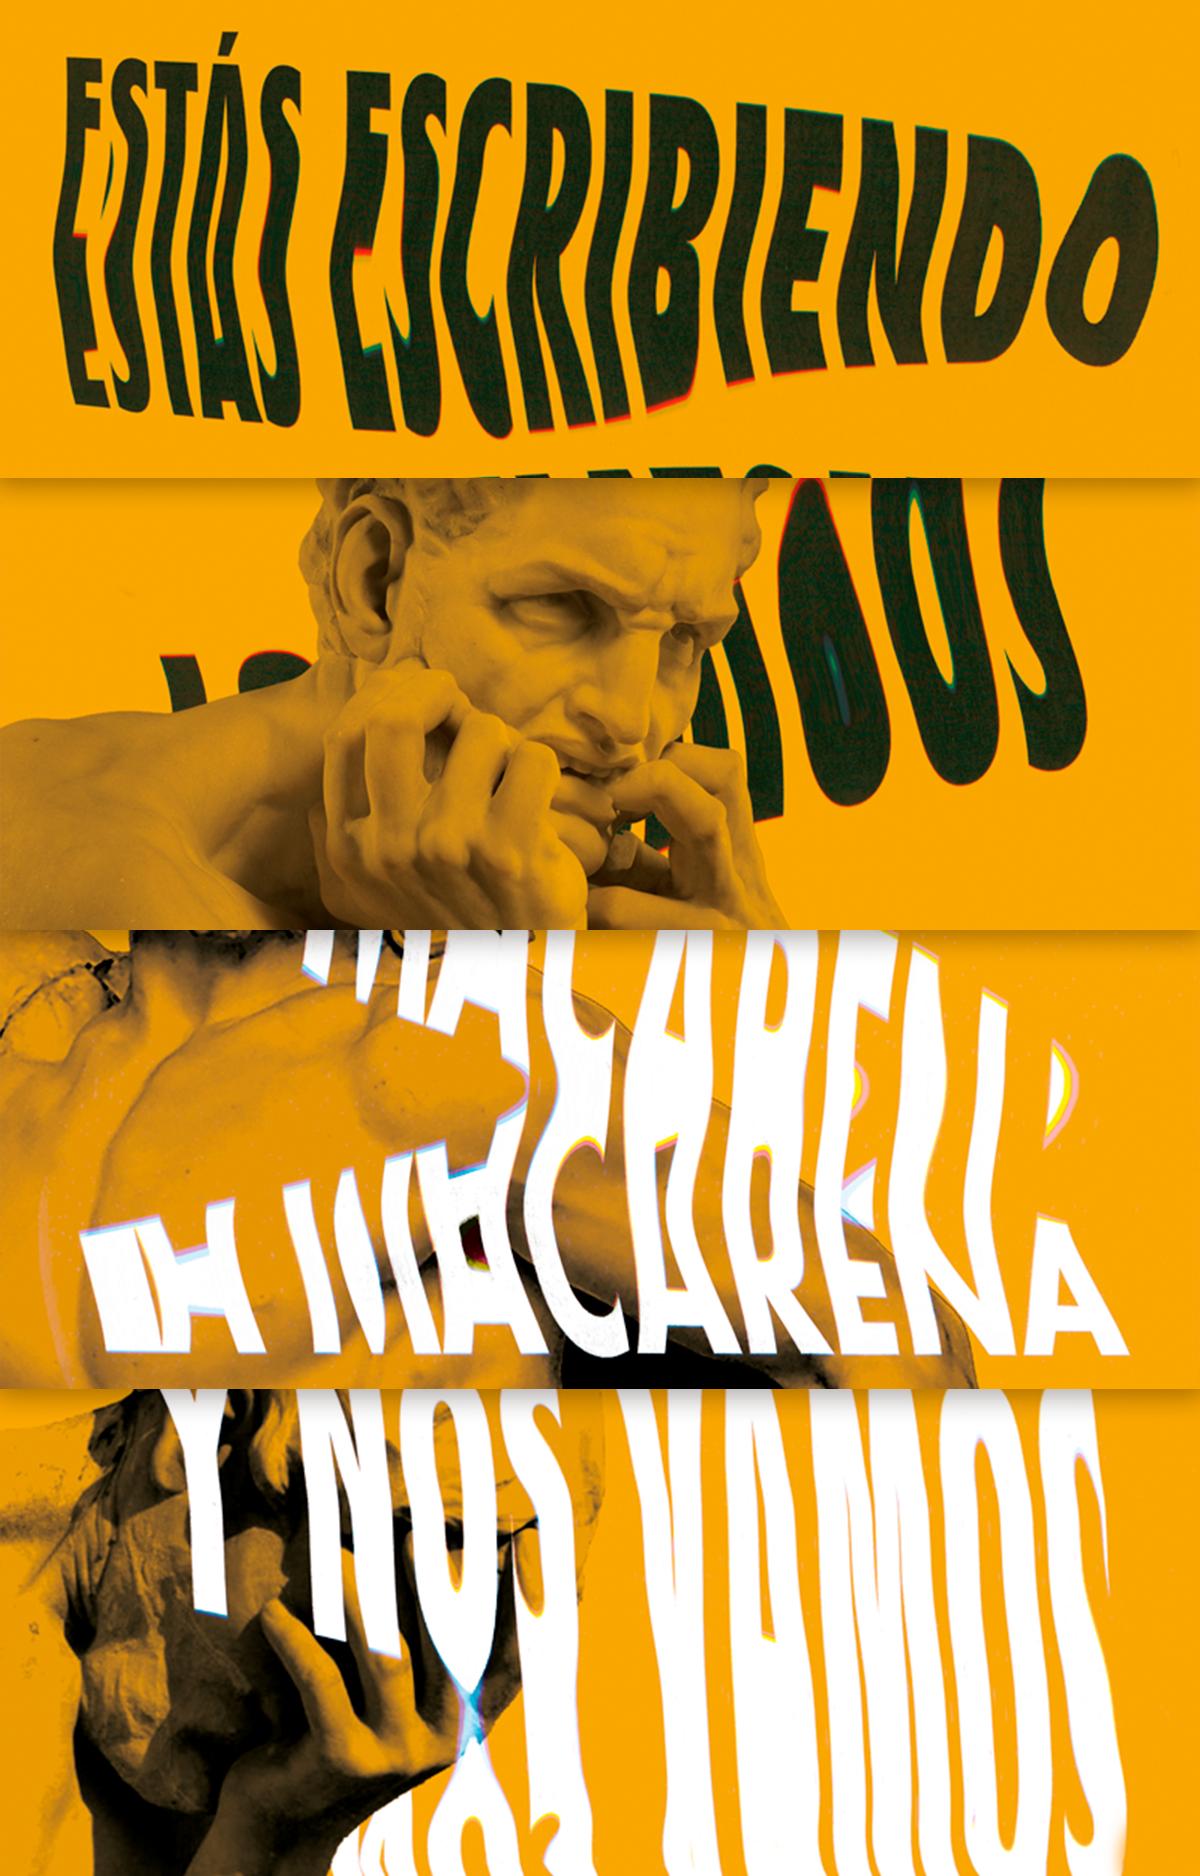 poster,cartel,drunk,scan,distortion,Movilidad,Advertising ,publicidad,Cabify